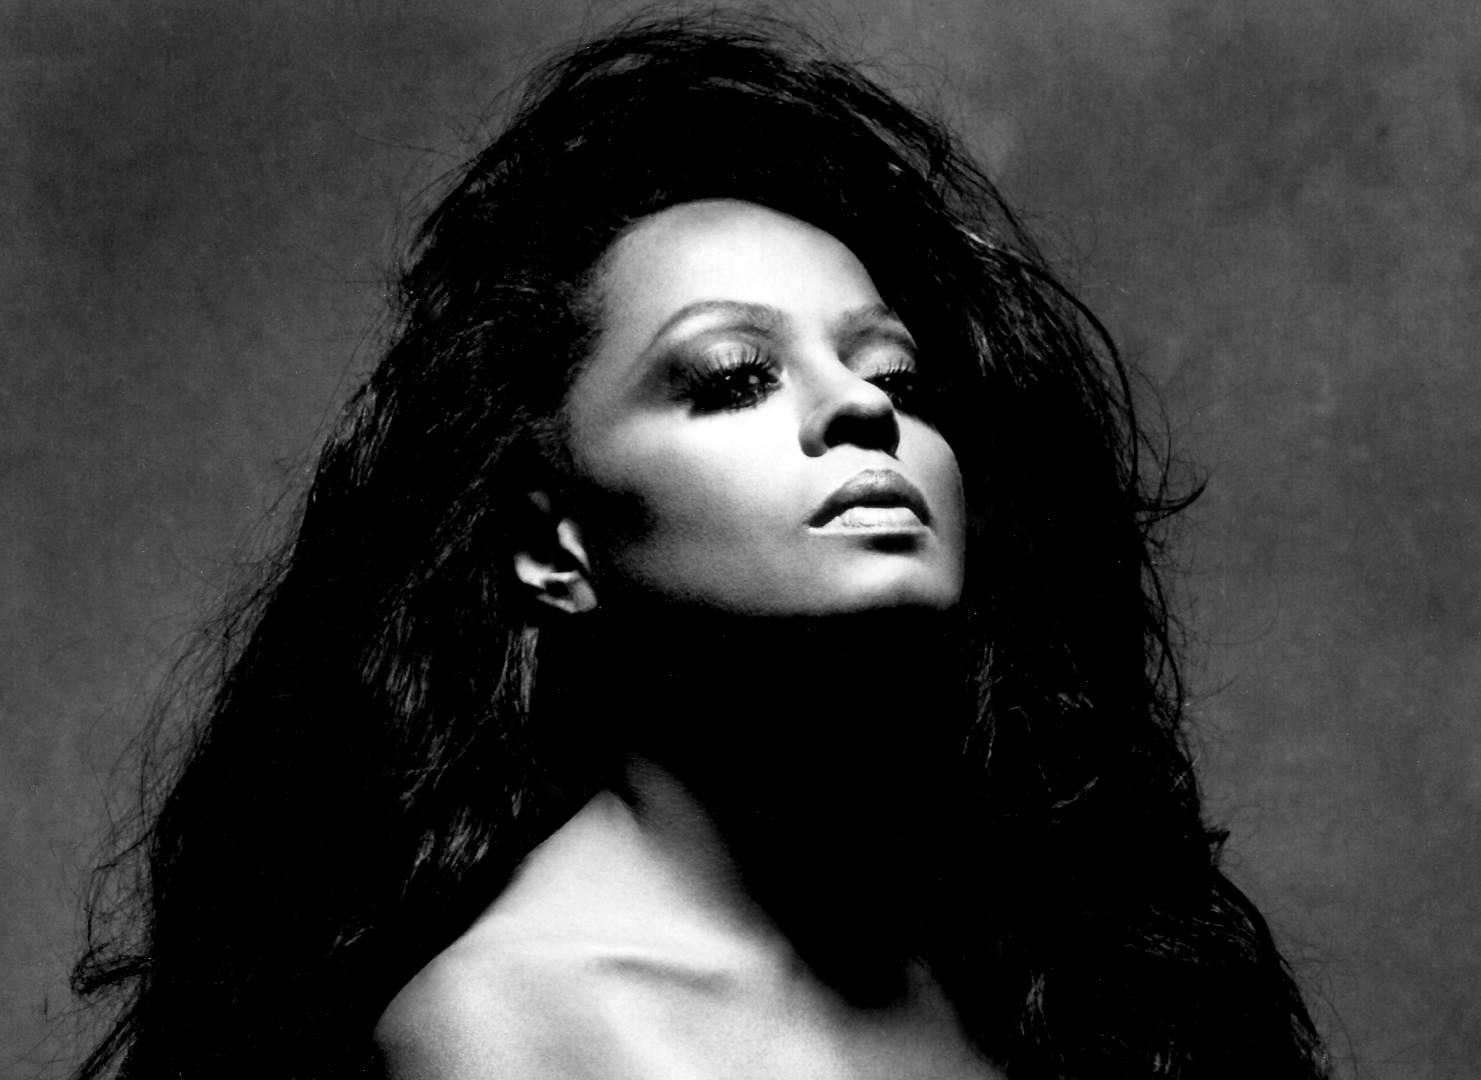 dianaross_160628 She's still the Boss: Miss Diana Ross - A Living Legend